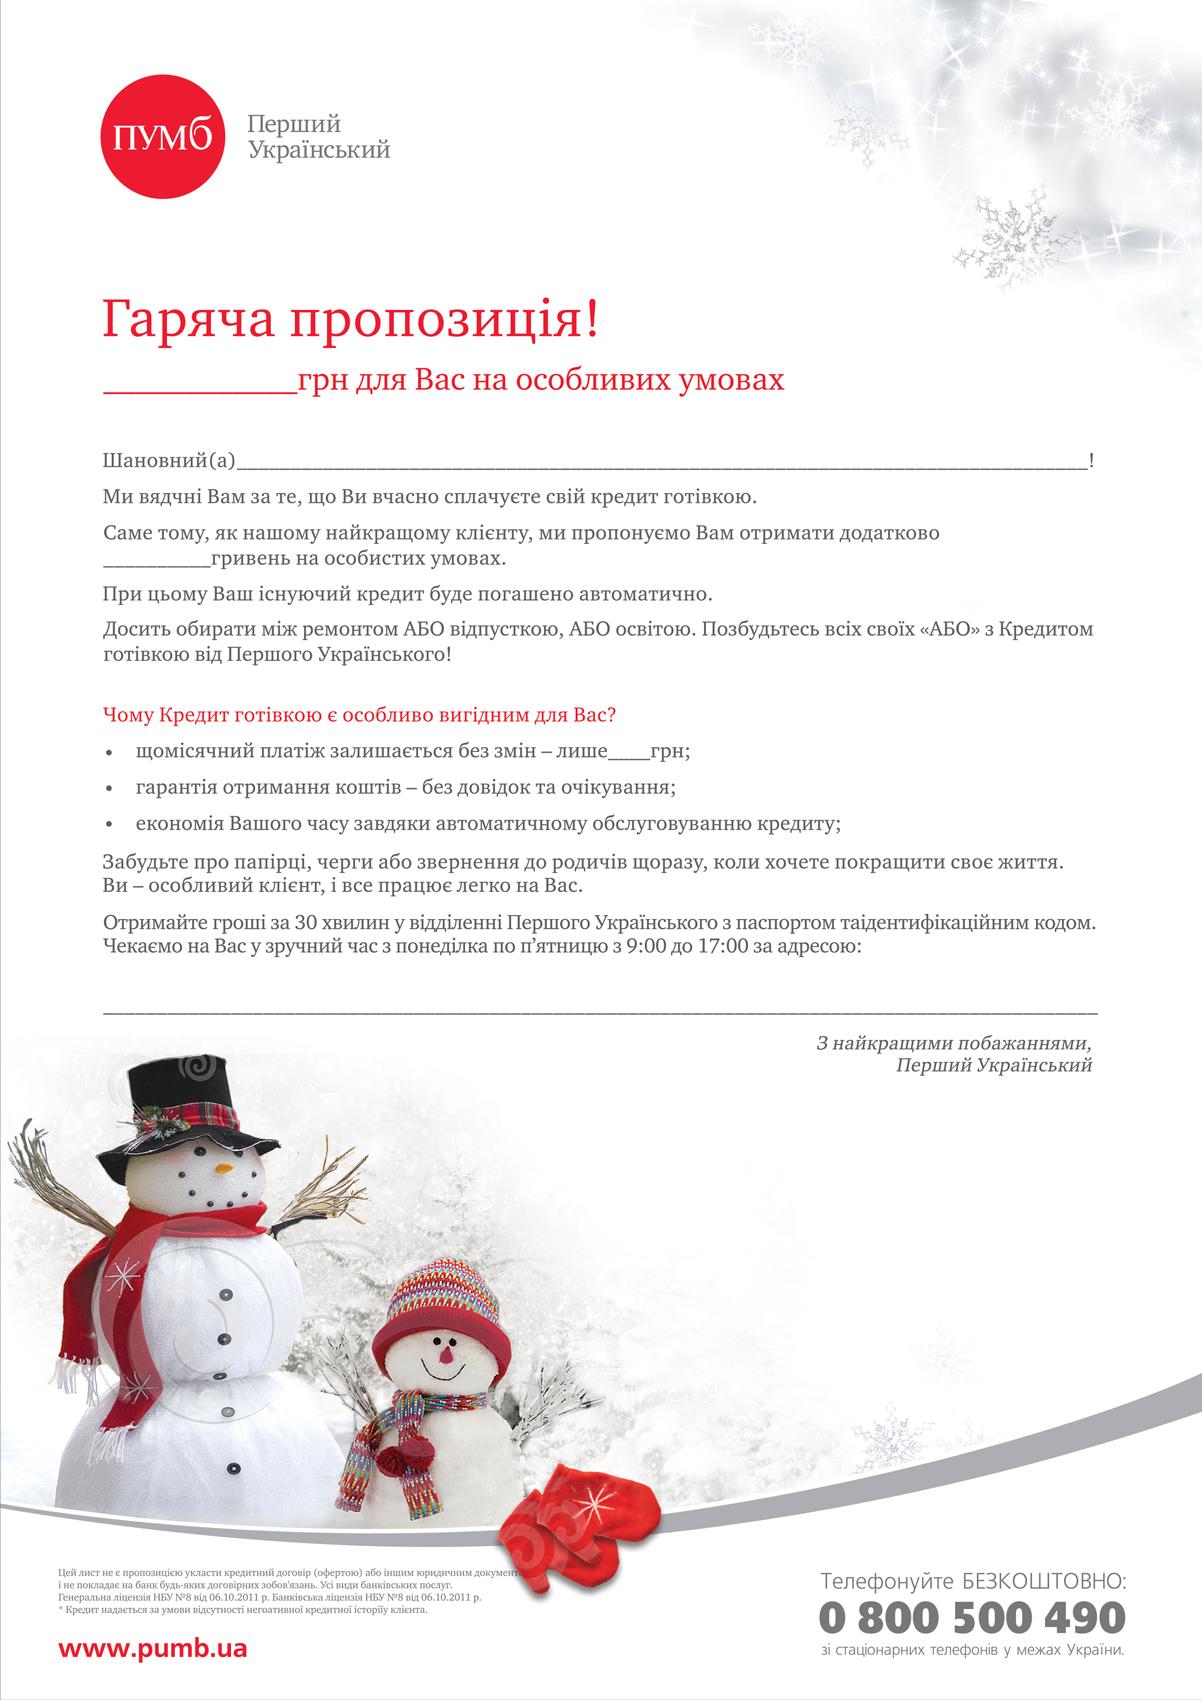 20121022_163951000_iOS